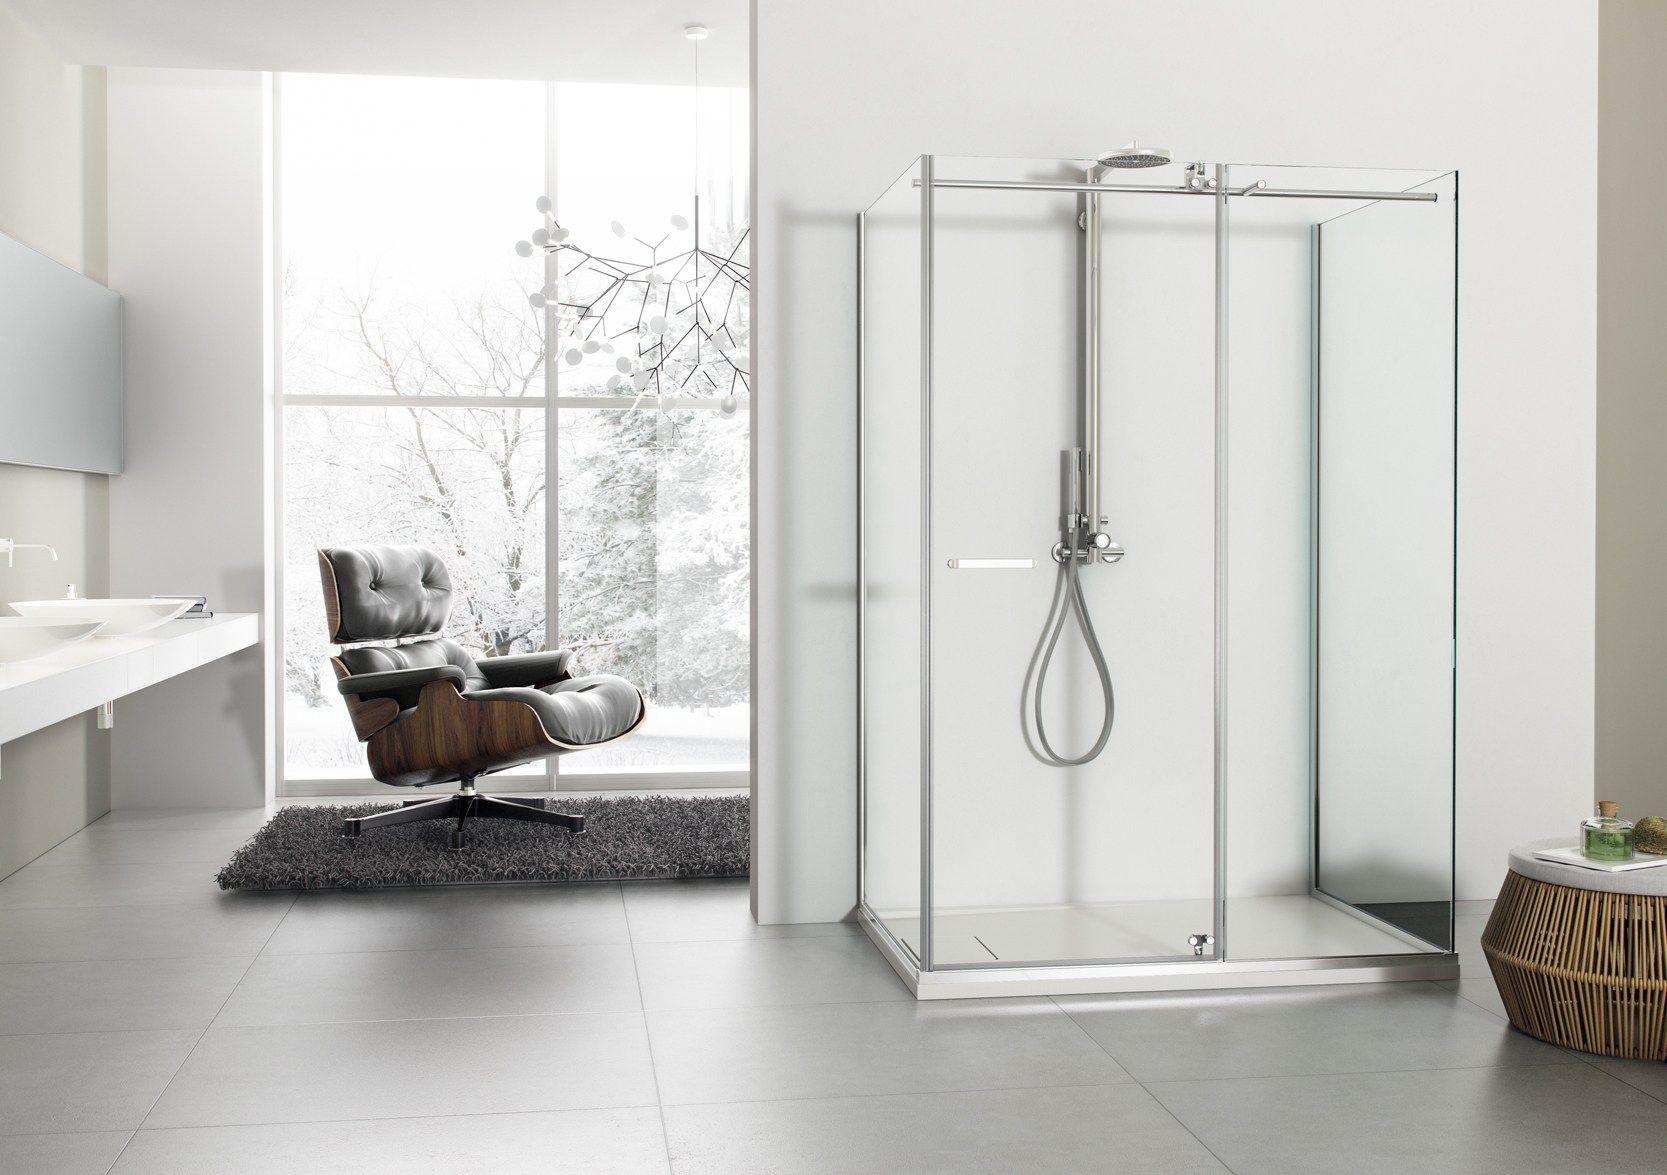 Box doccia a due posti con piatto collezione solodoccia by megius - Piatto doccia raso pavimento ...